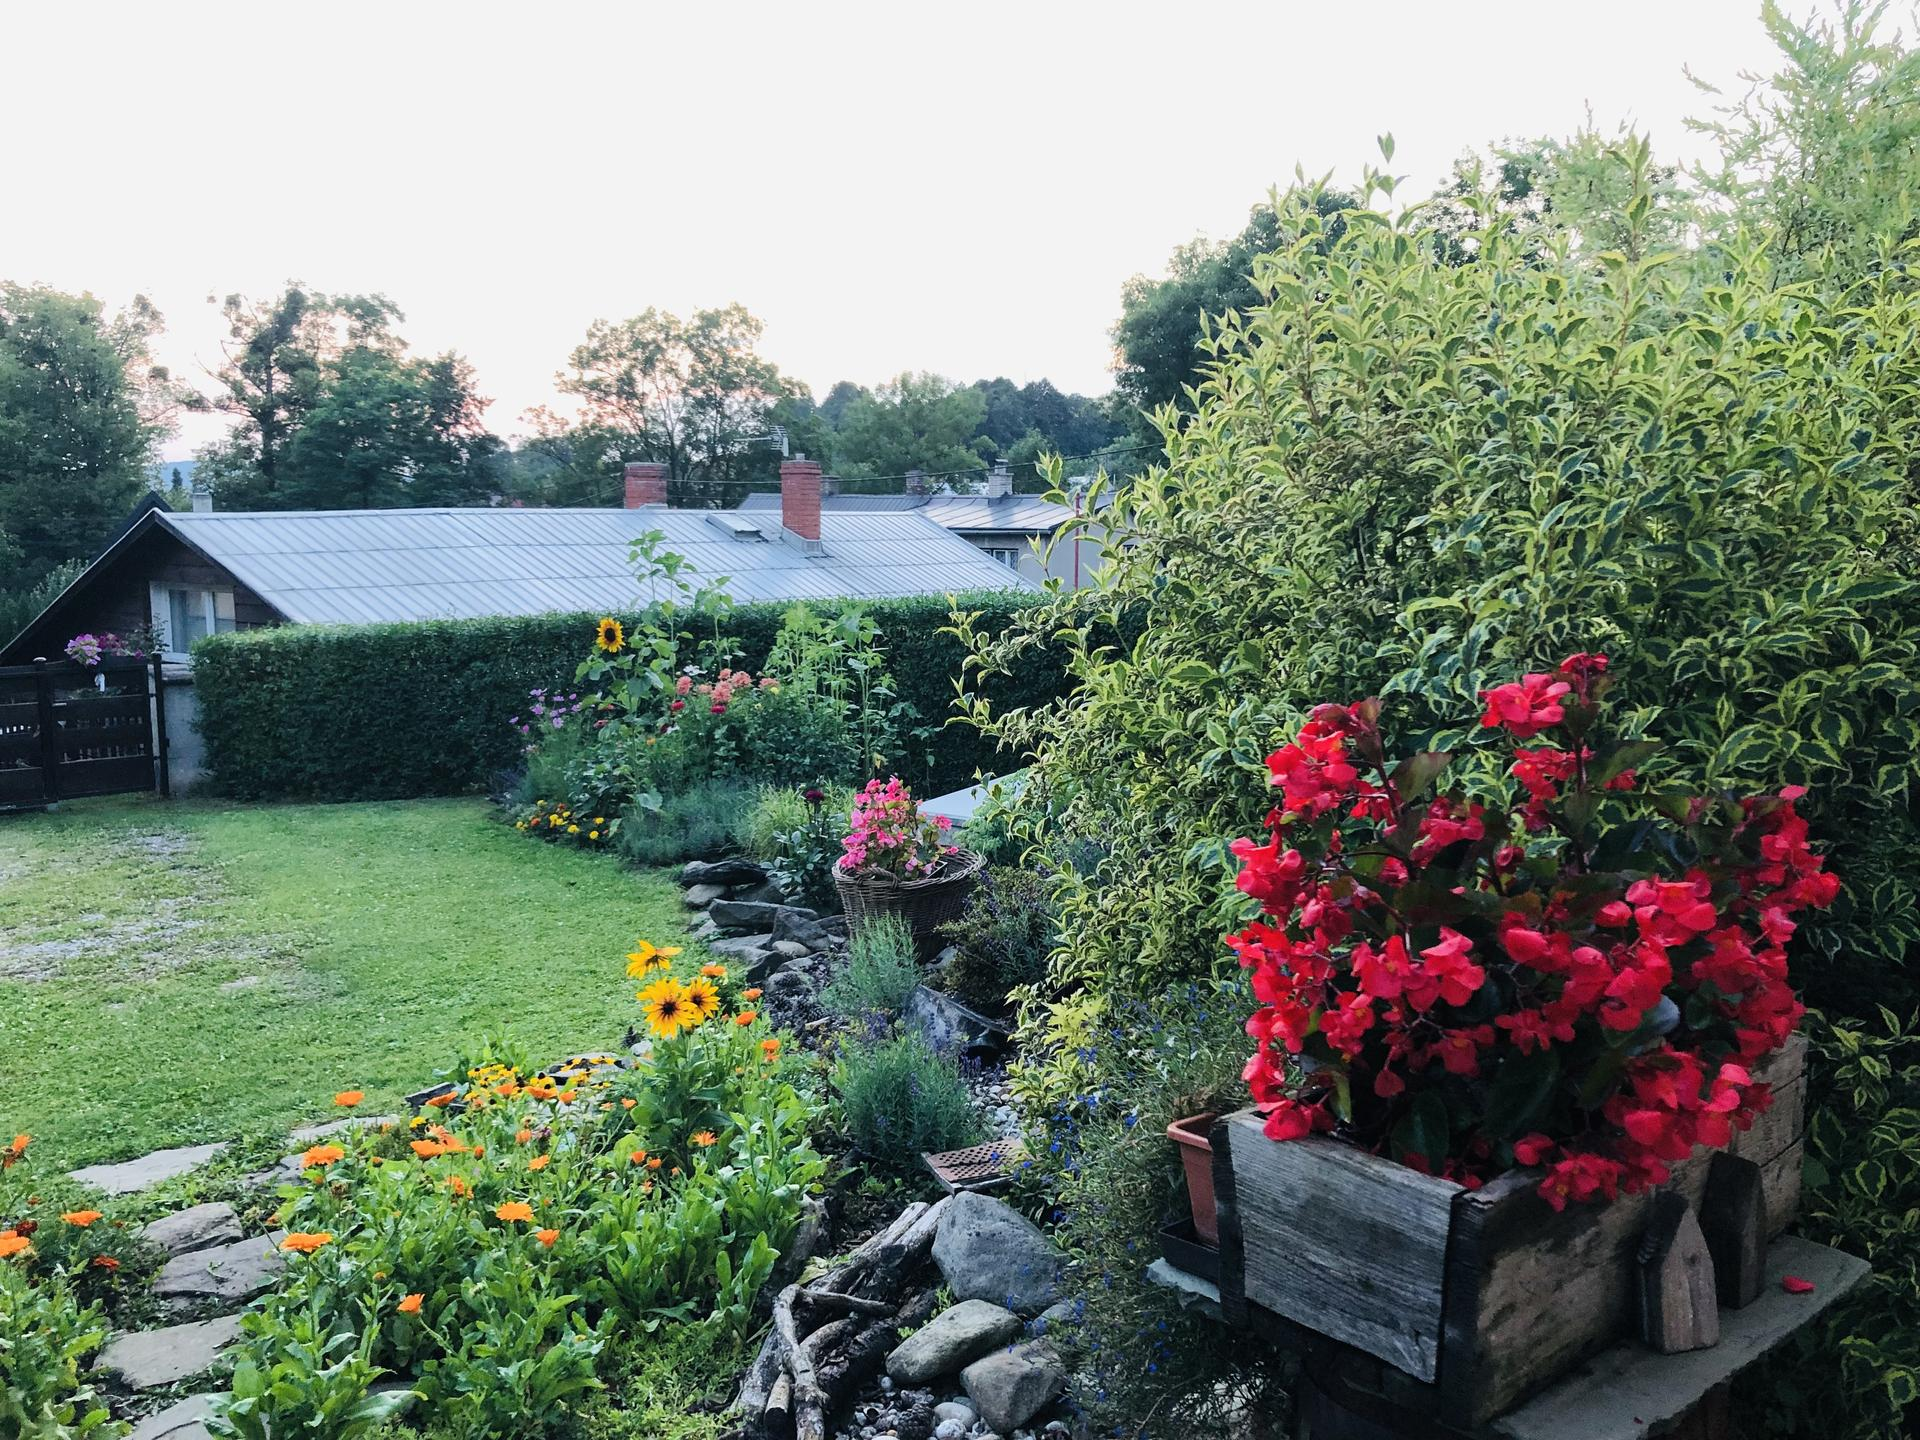 U nás doma a na zahradě 2021 - Obrázek č. 54